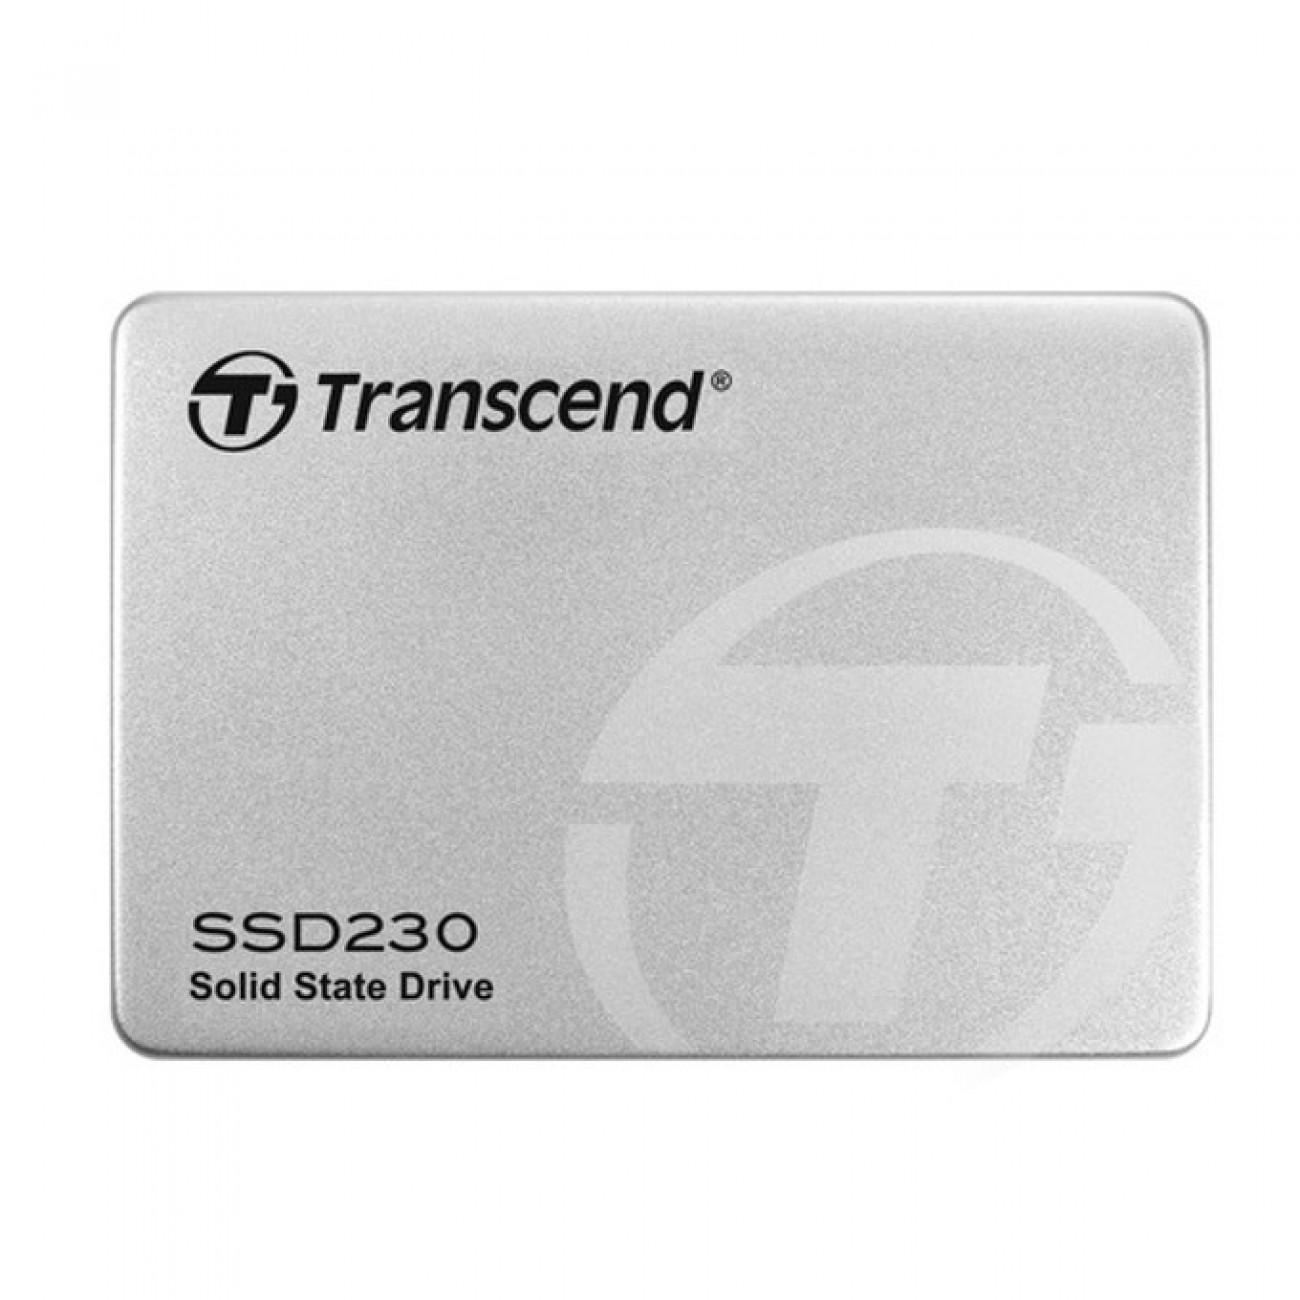 SSD 512GB Transcend SSD230S, SATA 6Gb/s, 2.5(6.35 cm), скорост на четене 560 MB/s, скорост на запис 520 MB/s в SSD дискове -    Alleop